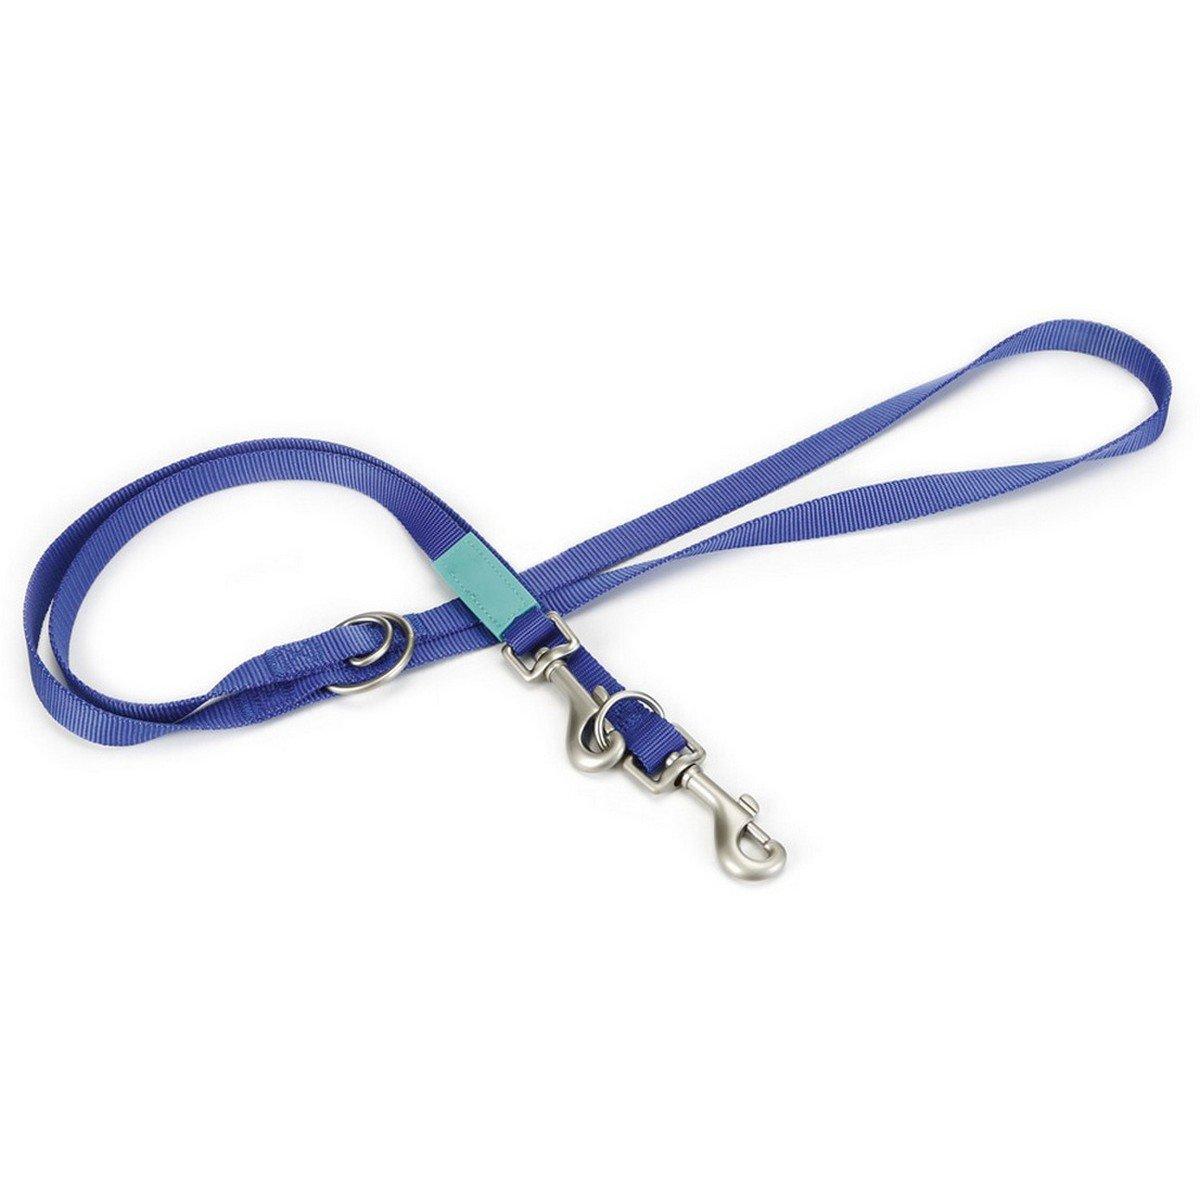 Imagem de Beeztees Dressage Line Uni Nylon Blue 200cmx20mm